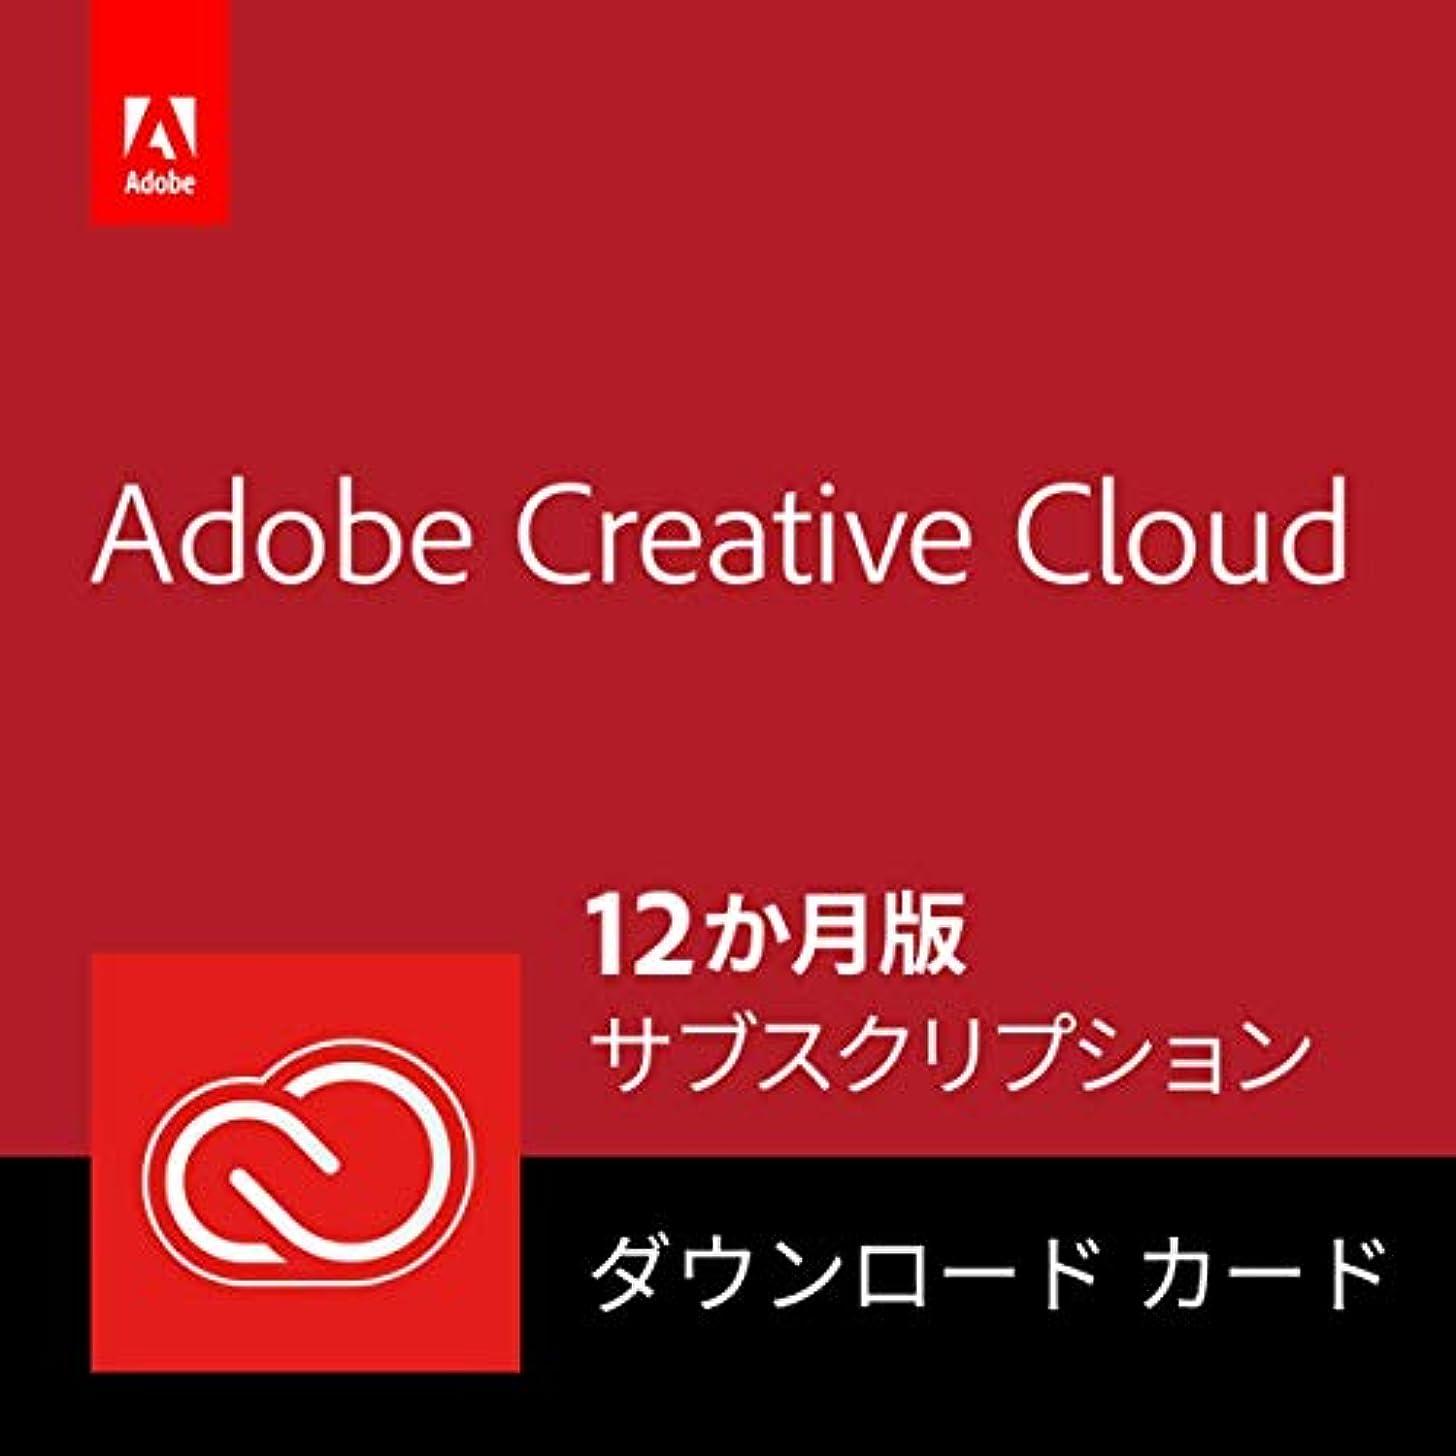 謝る会話型煙Adobe Creative Cloud コンプリート|12か月版|Windows/Mac対応|パッケージ(カード)コード版